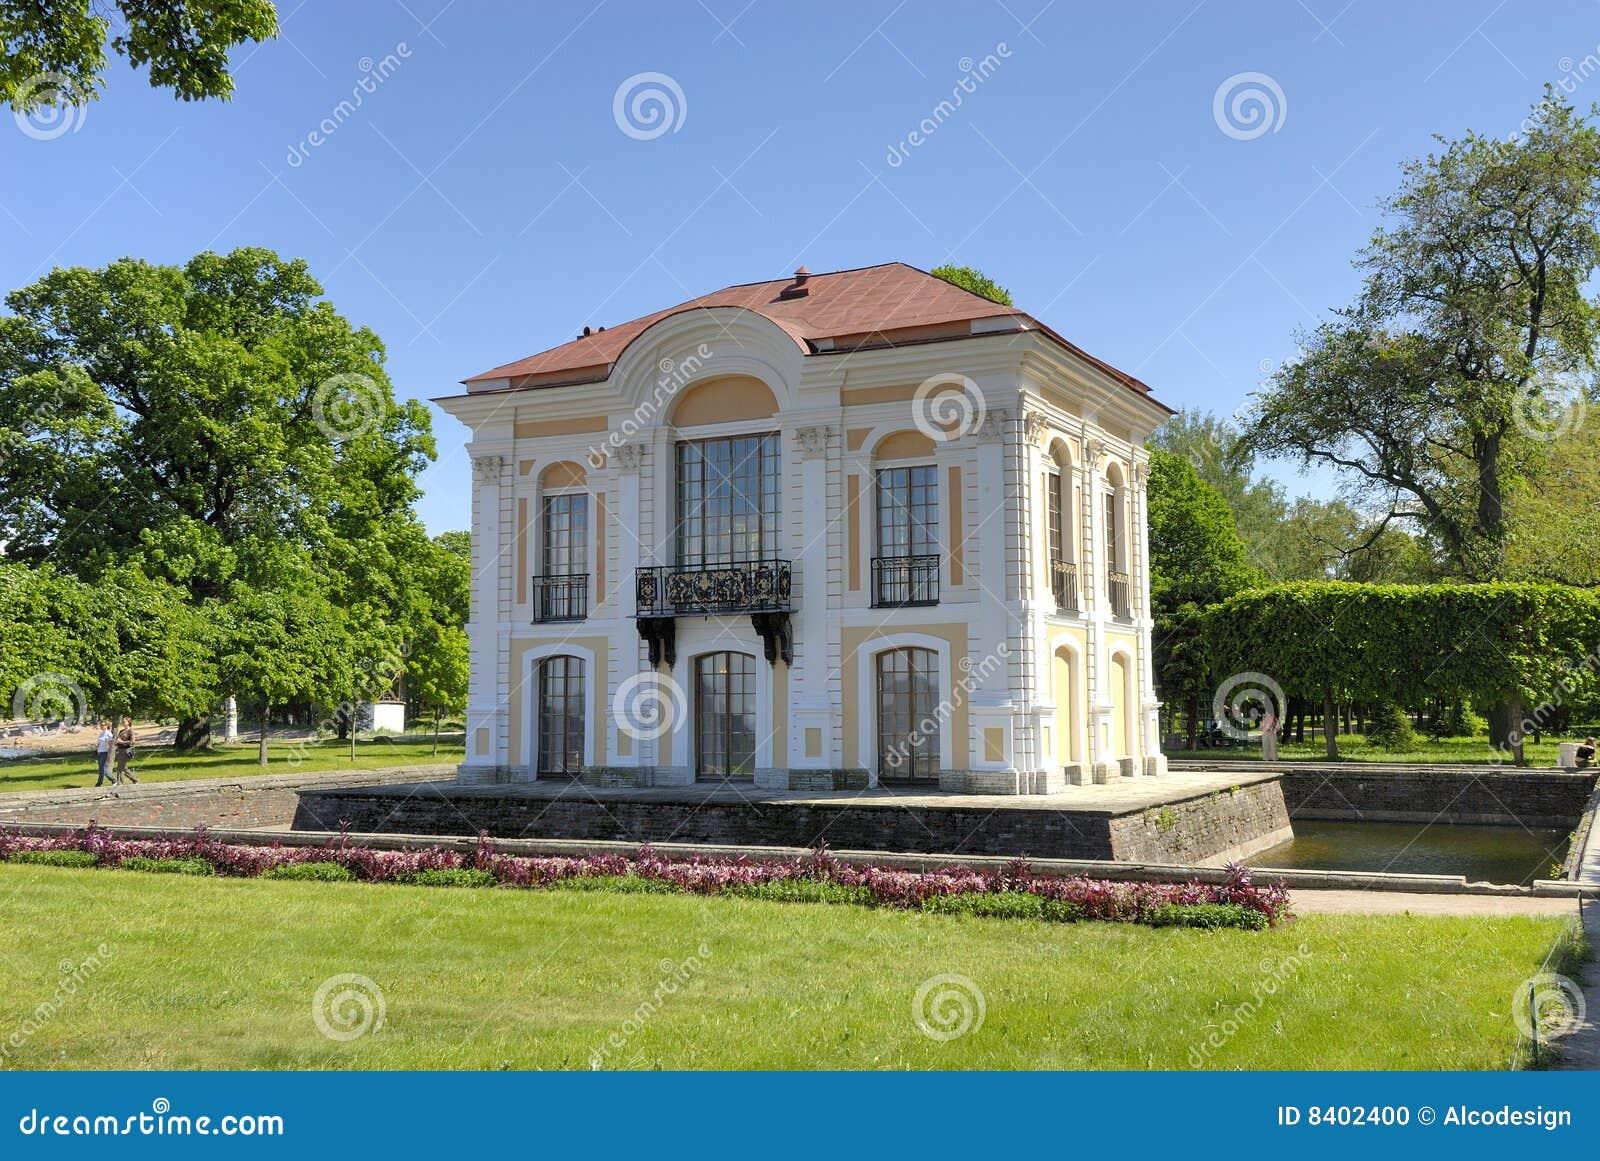 une petite maison dans un jardin photo stock image 8402400. Black Bedroom Furniture Sets. Home Design Ideas